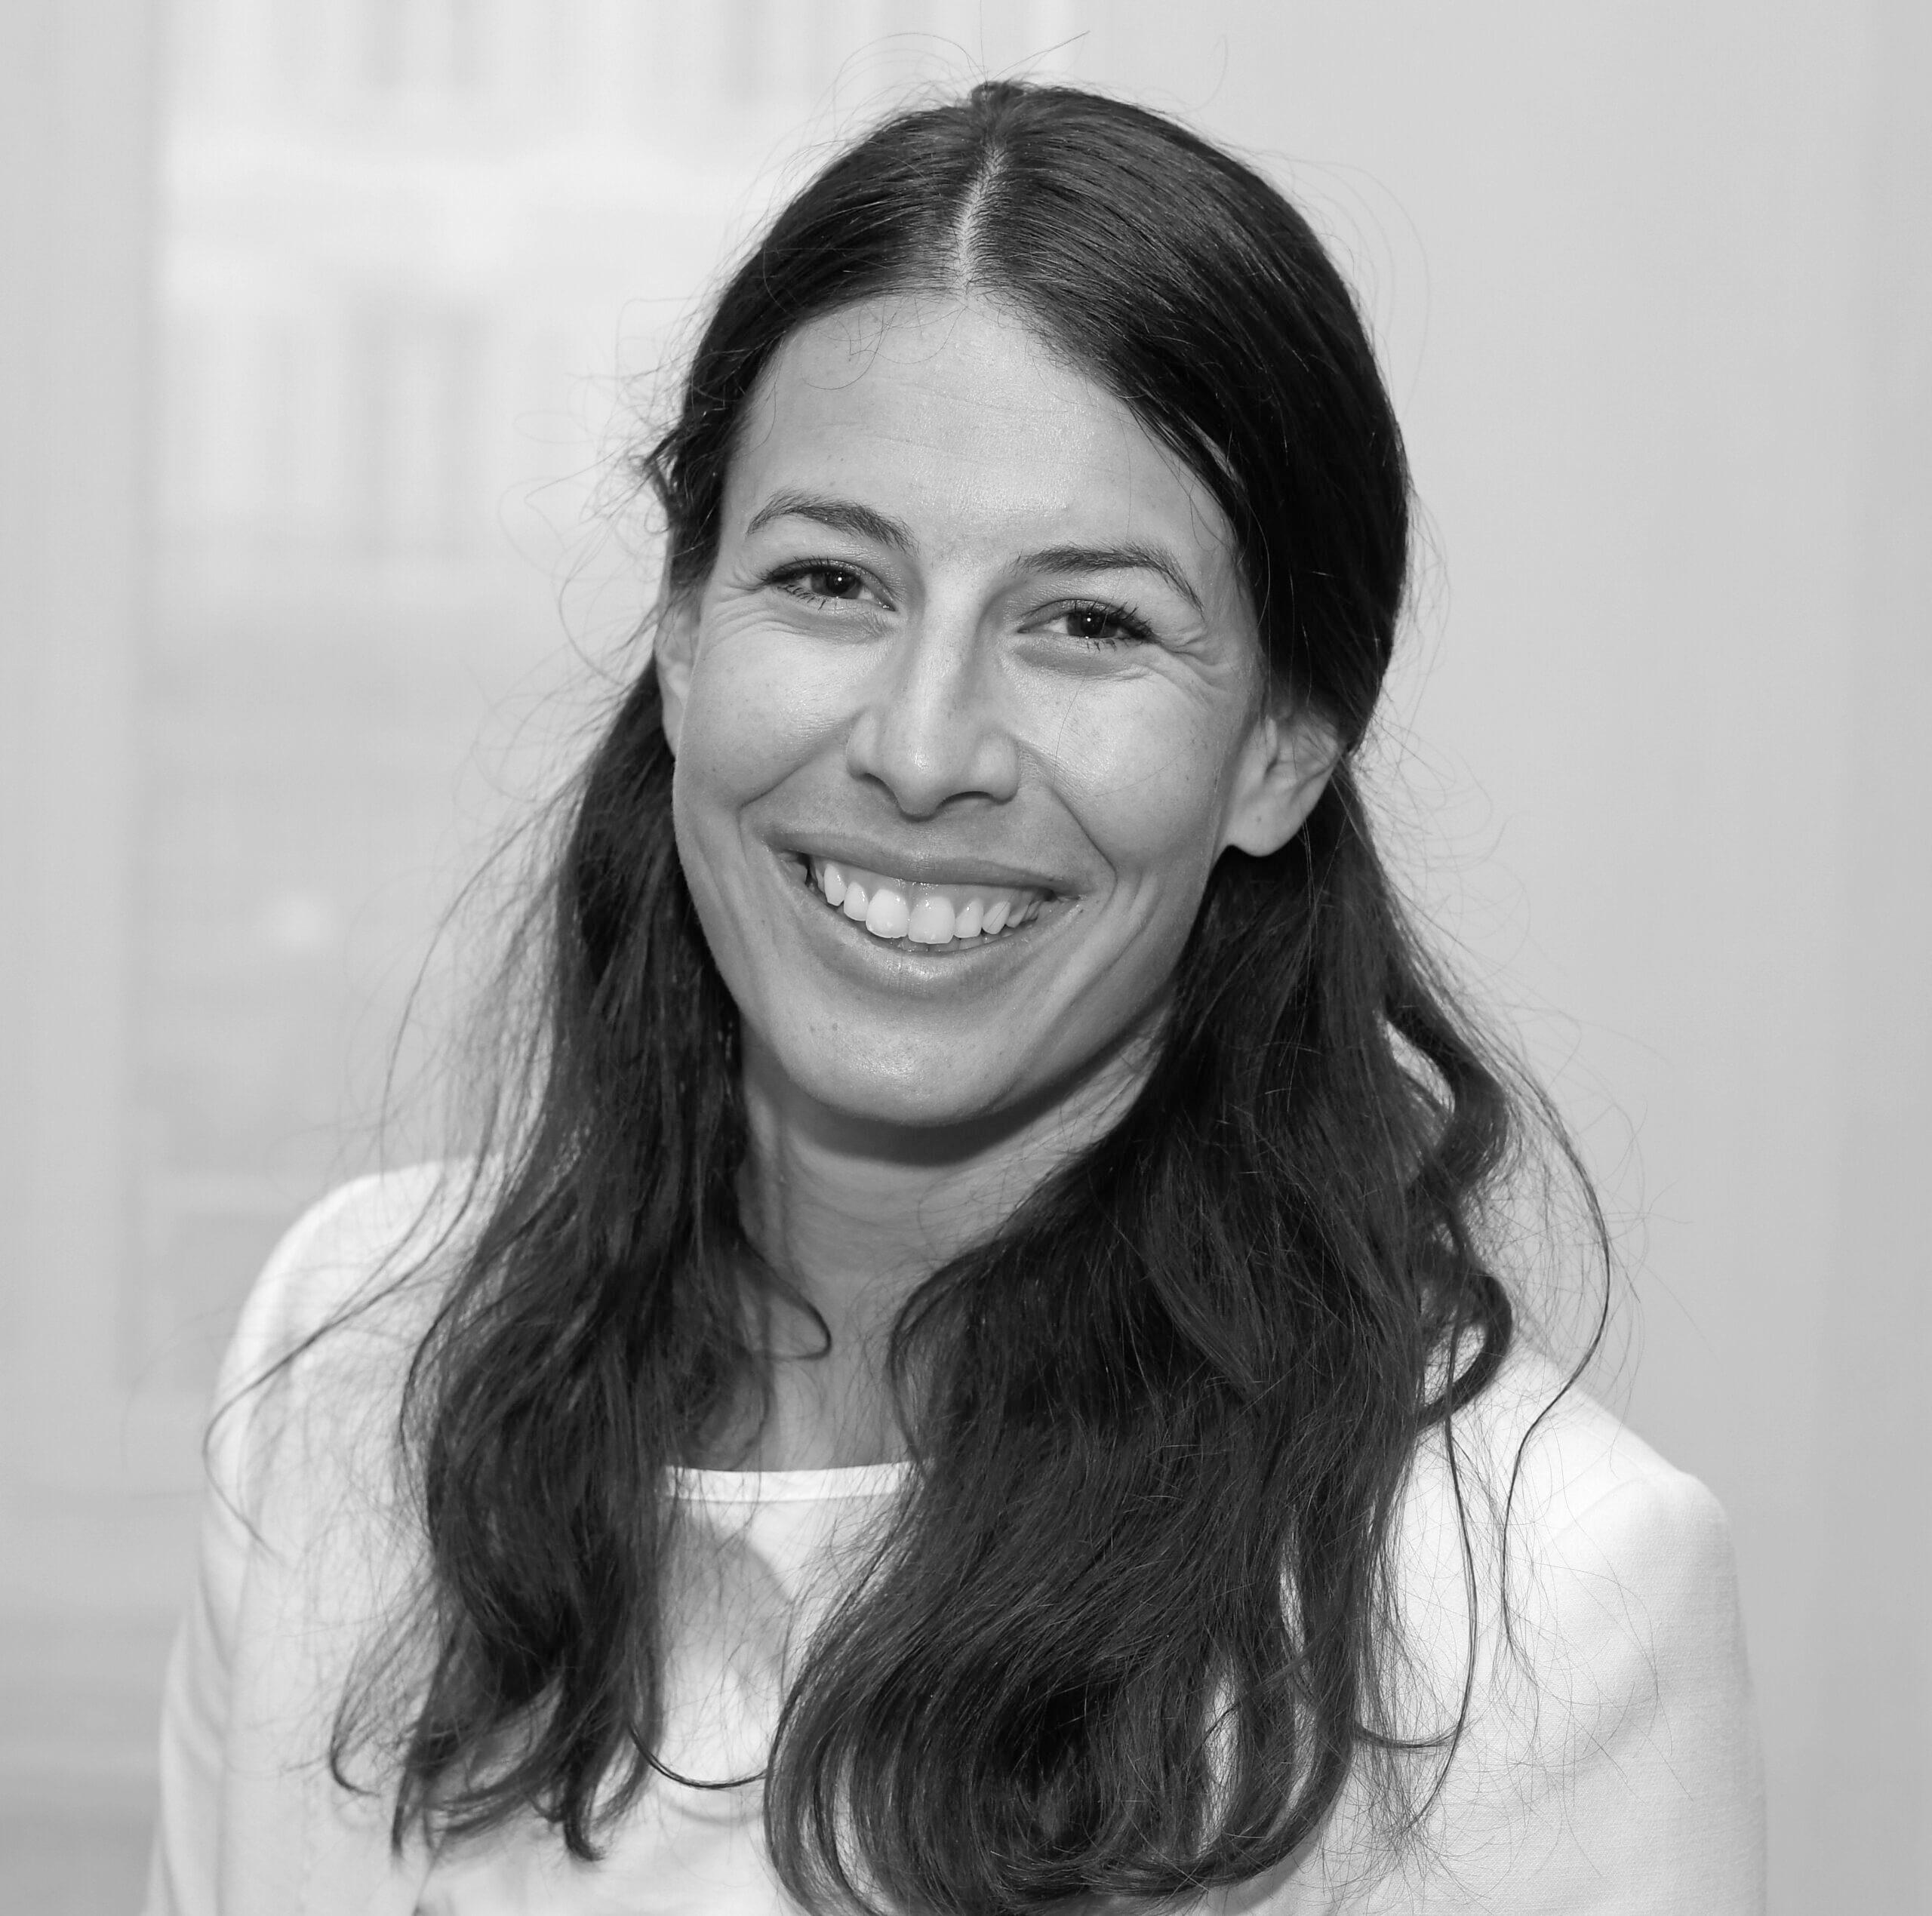 Dominique Gisin, Olympiasiegerin Abfahrt Sotchi 2014 & Delegierte des Stiftungsrates der Schweizer Sporthilfe